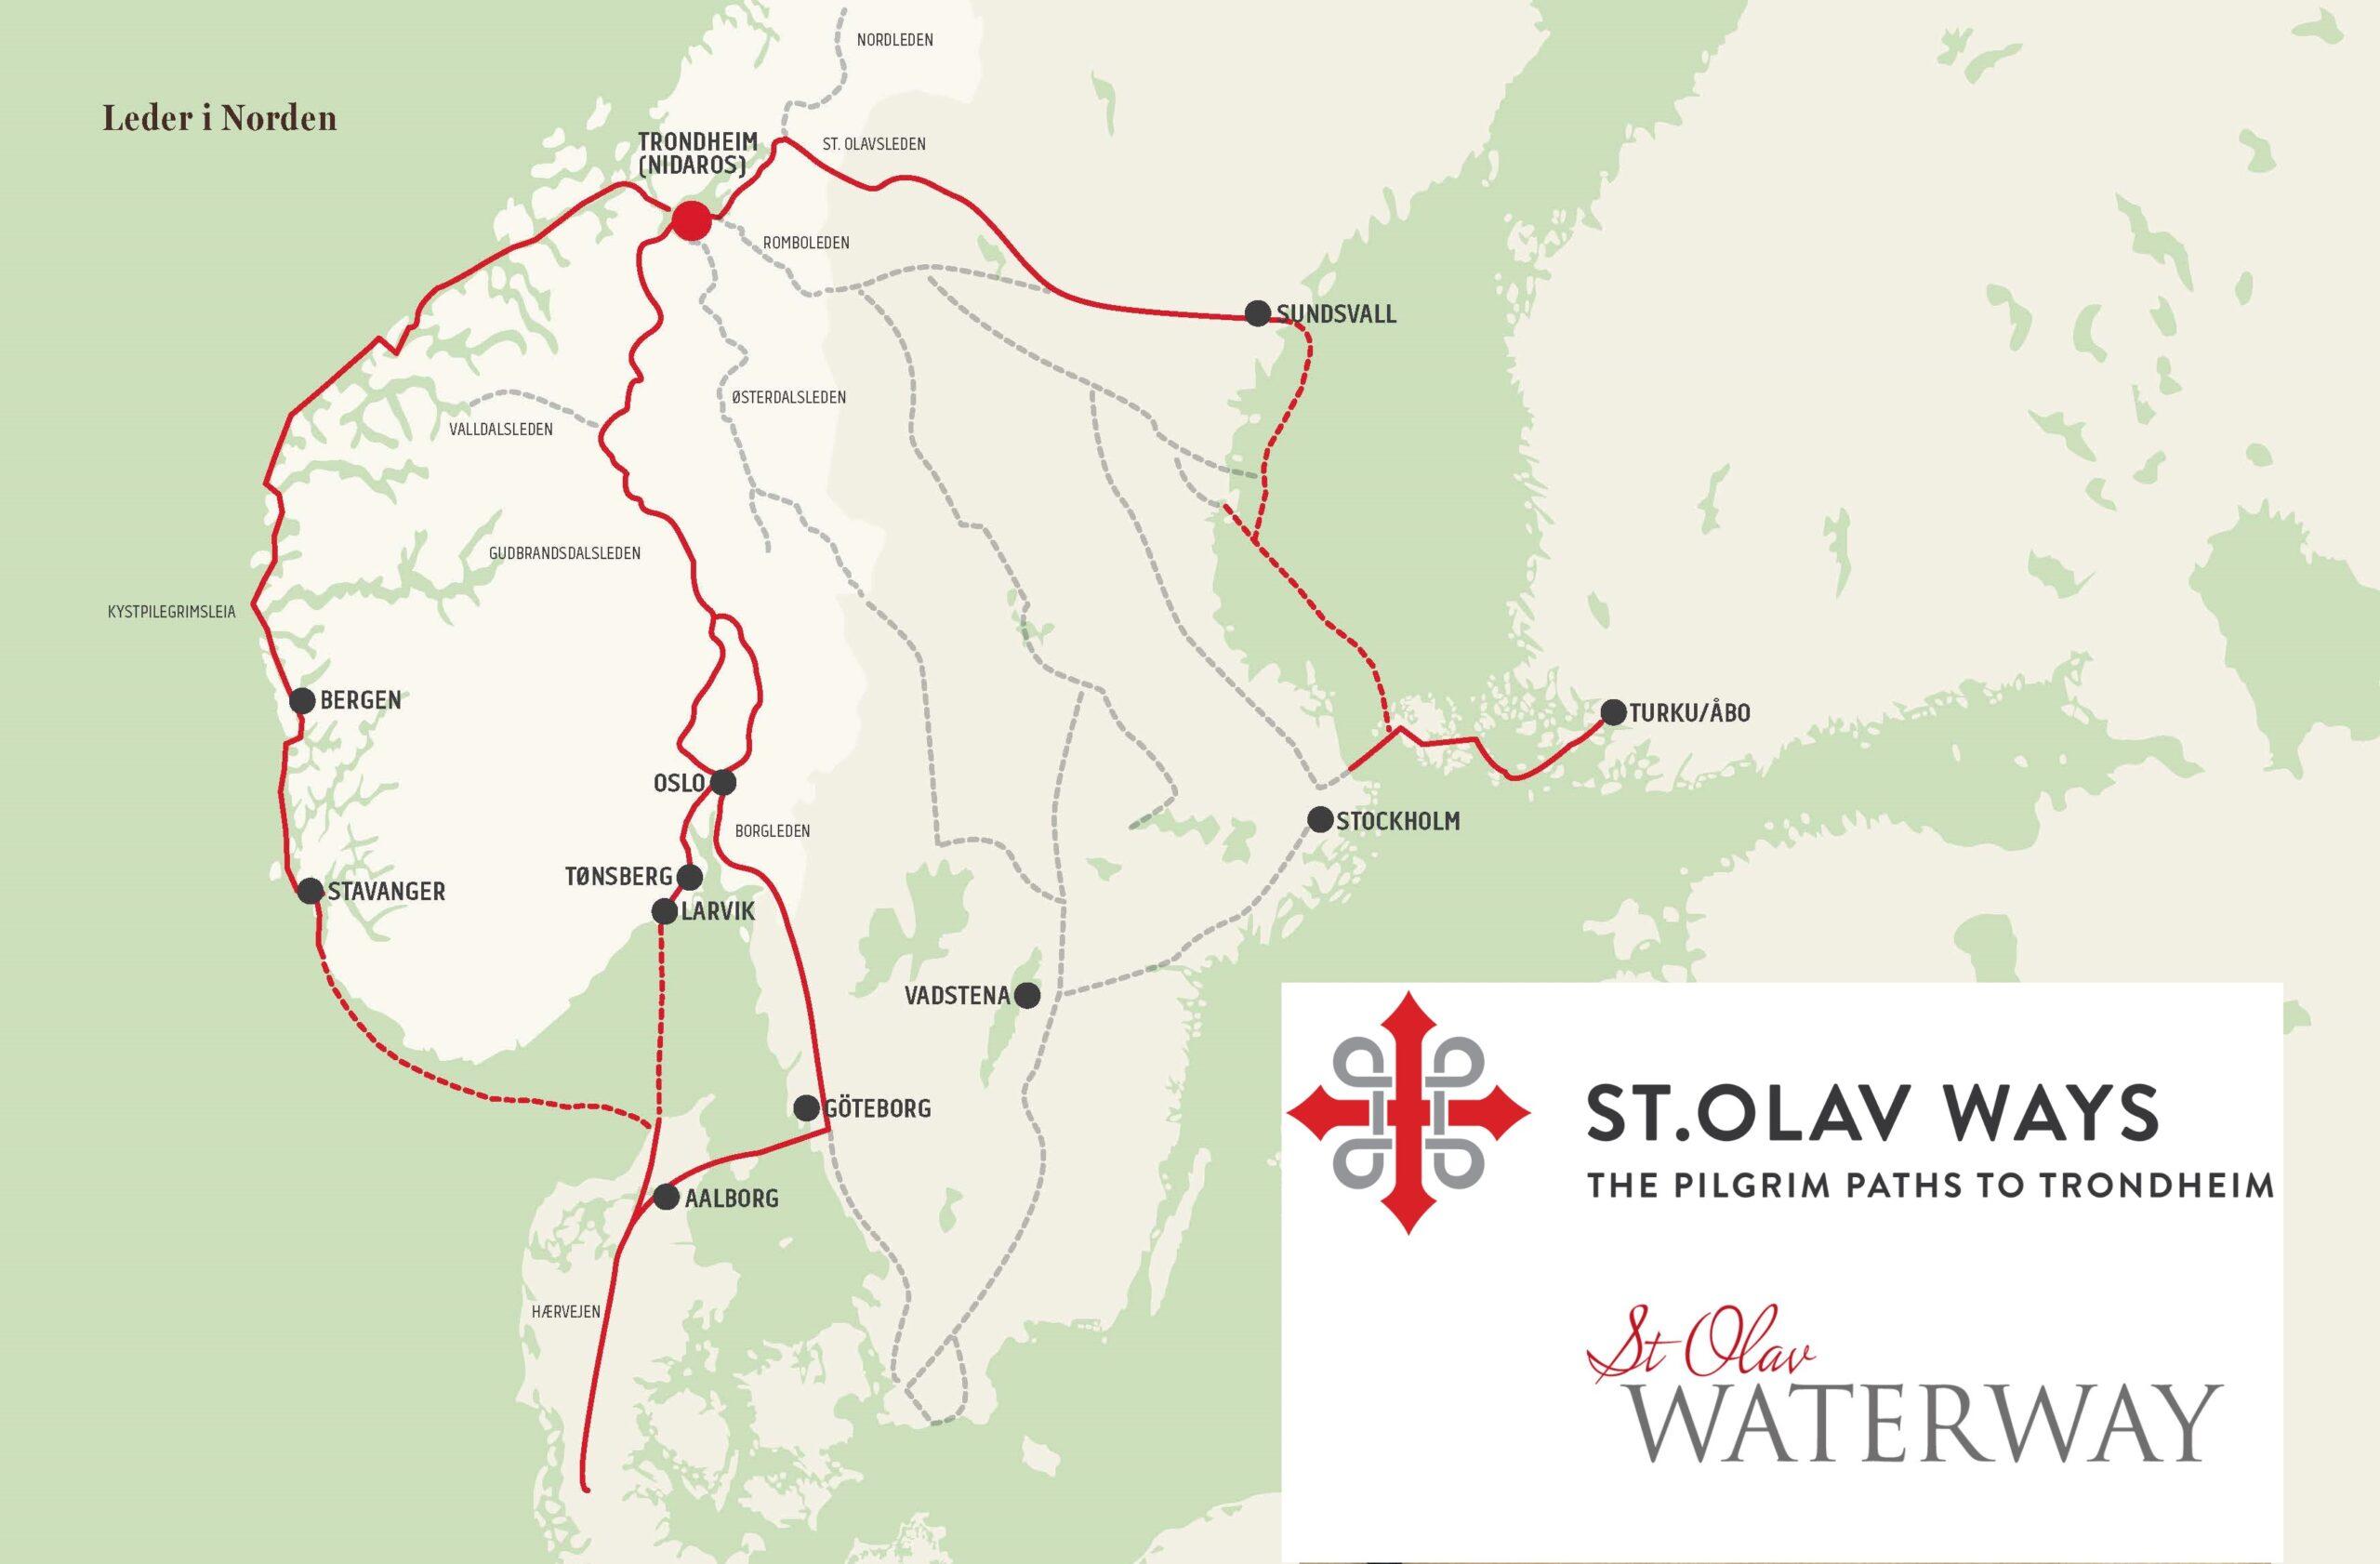 St. Olav Ways